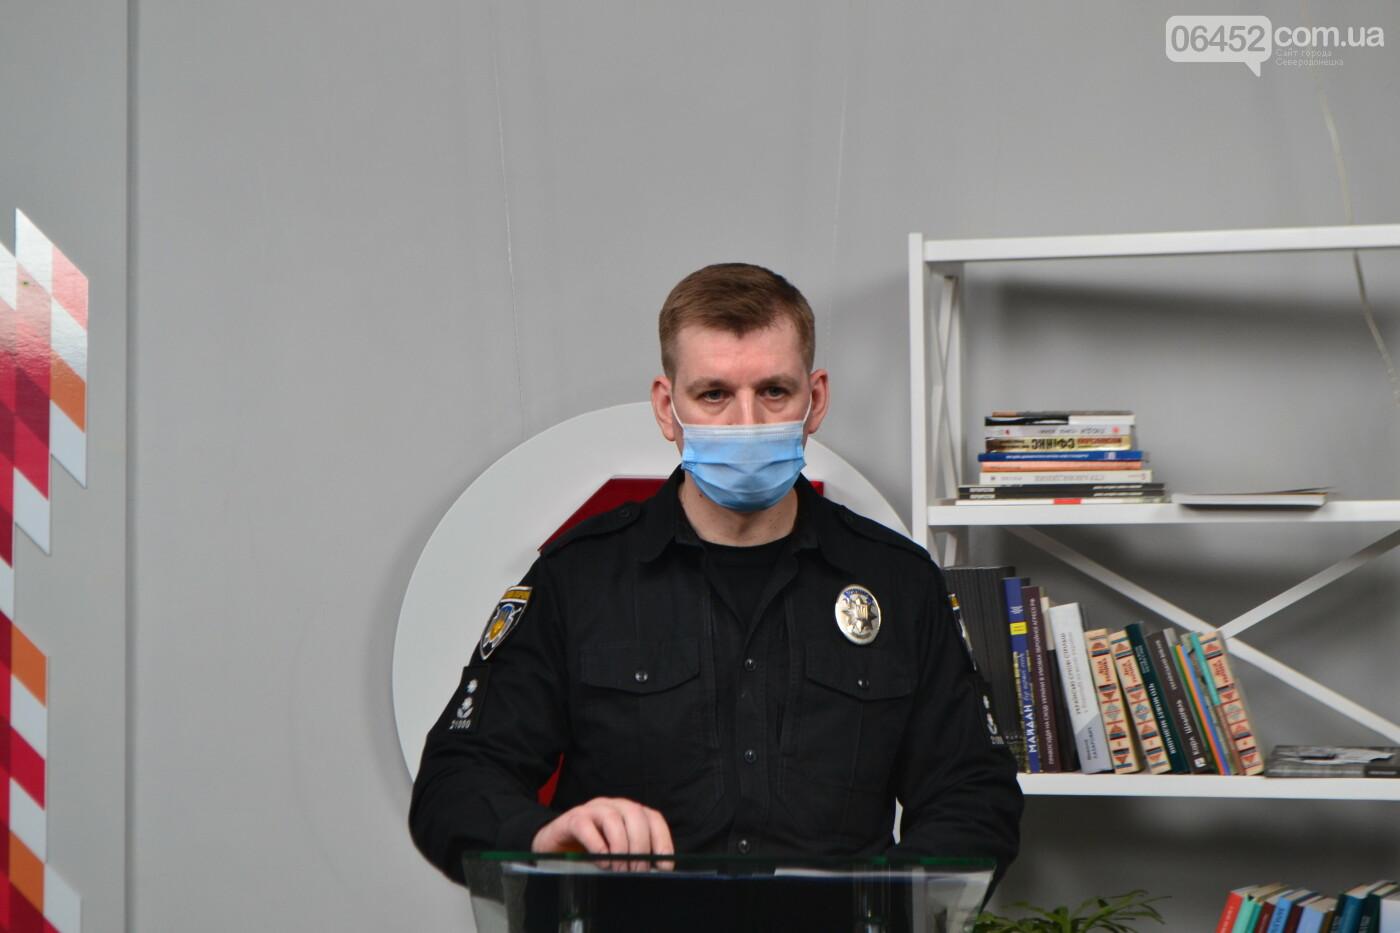 Глава полиции Луганщины назвал самые распространенные преступления в области, фото-2